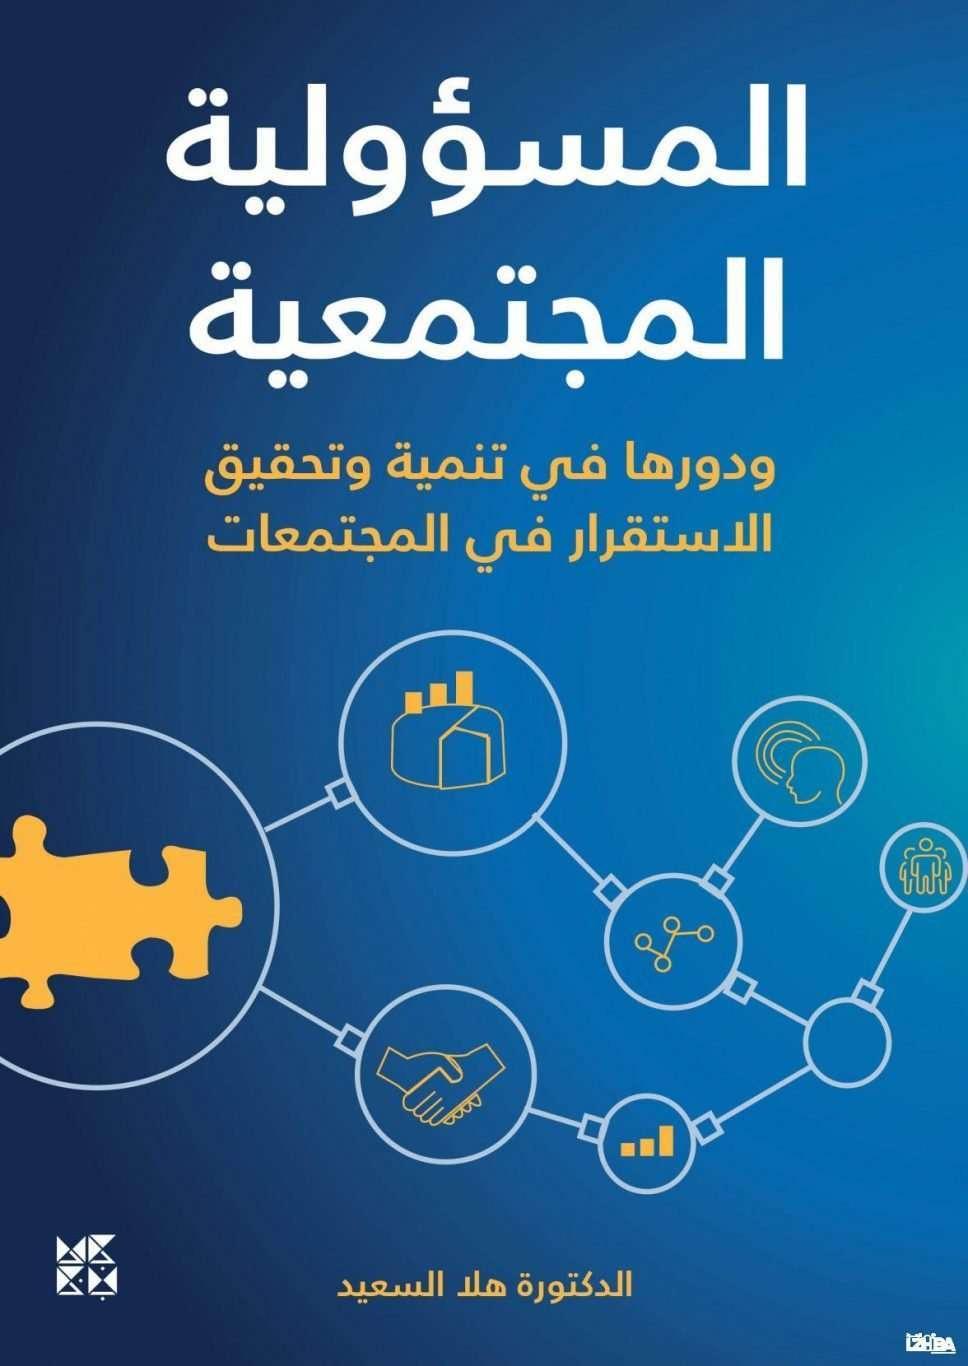 المسؤولية المجتمعية ودورها في تنمية وتحقيق الاستقرار في المجتمعات